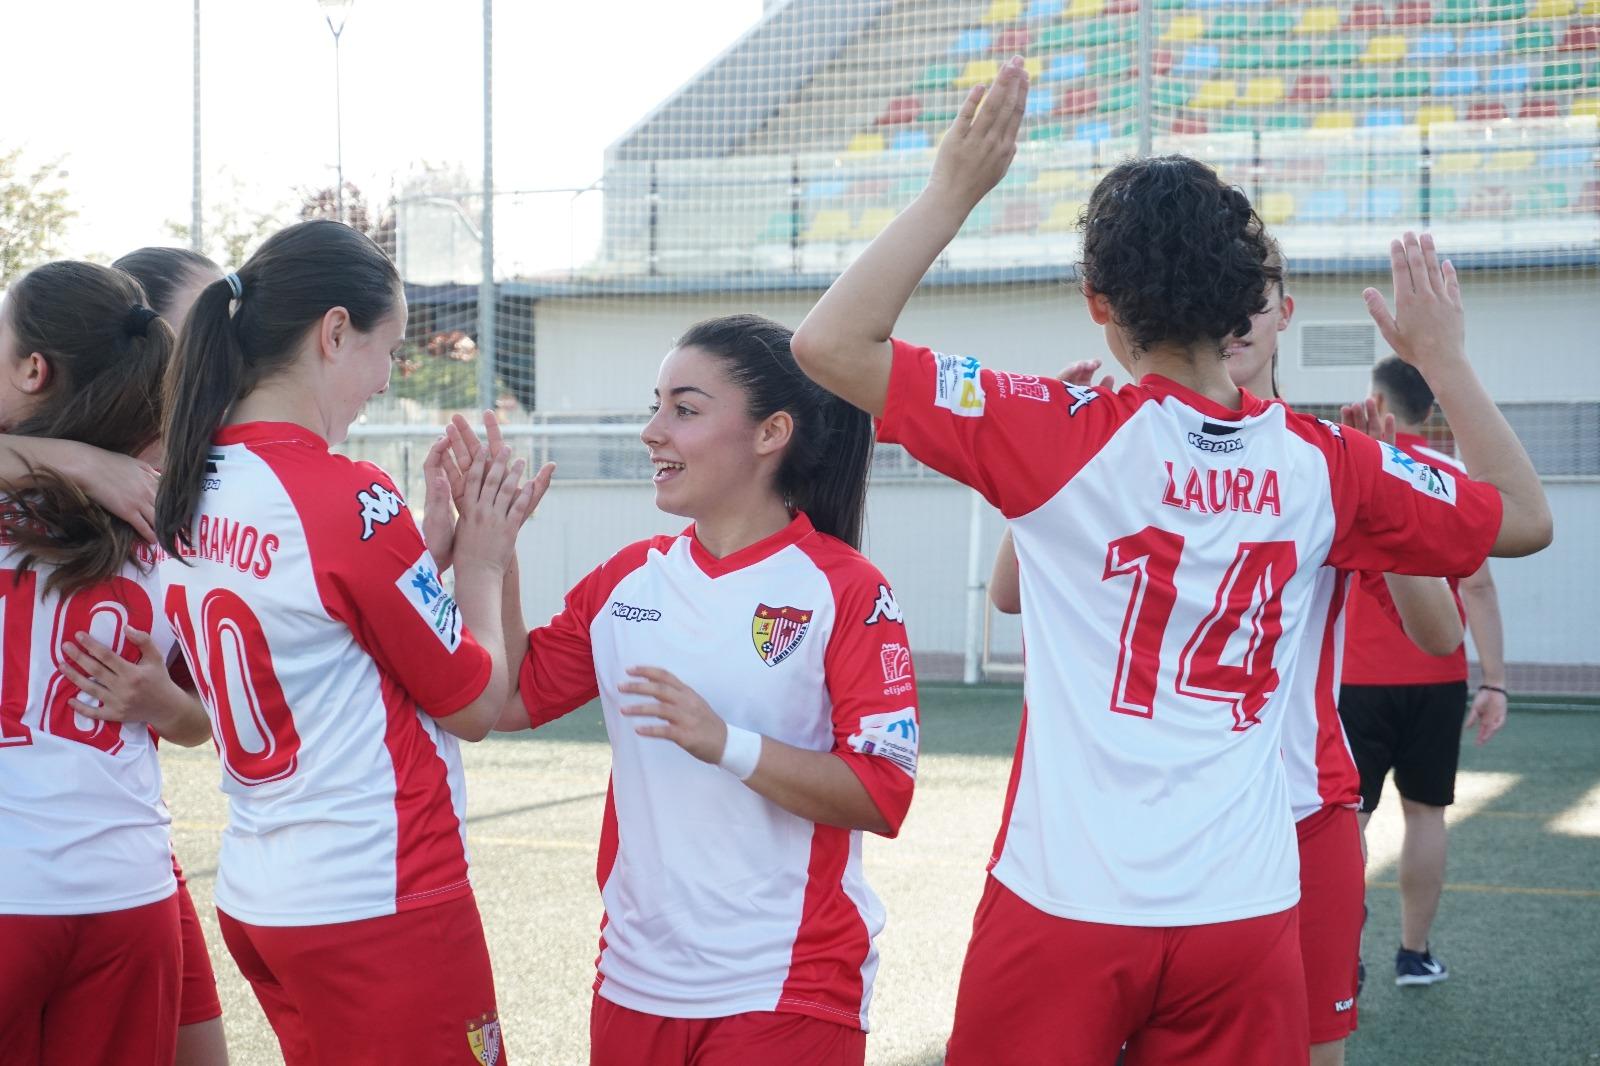 Selección Extremeña y Santa Teresa Badajoz lucharán por la Women's Cup Ciudad de Badajoz 2018 (3)